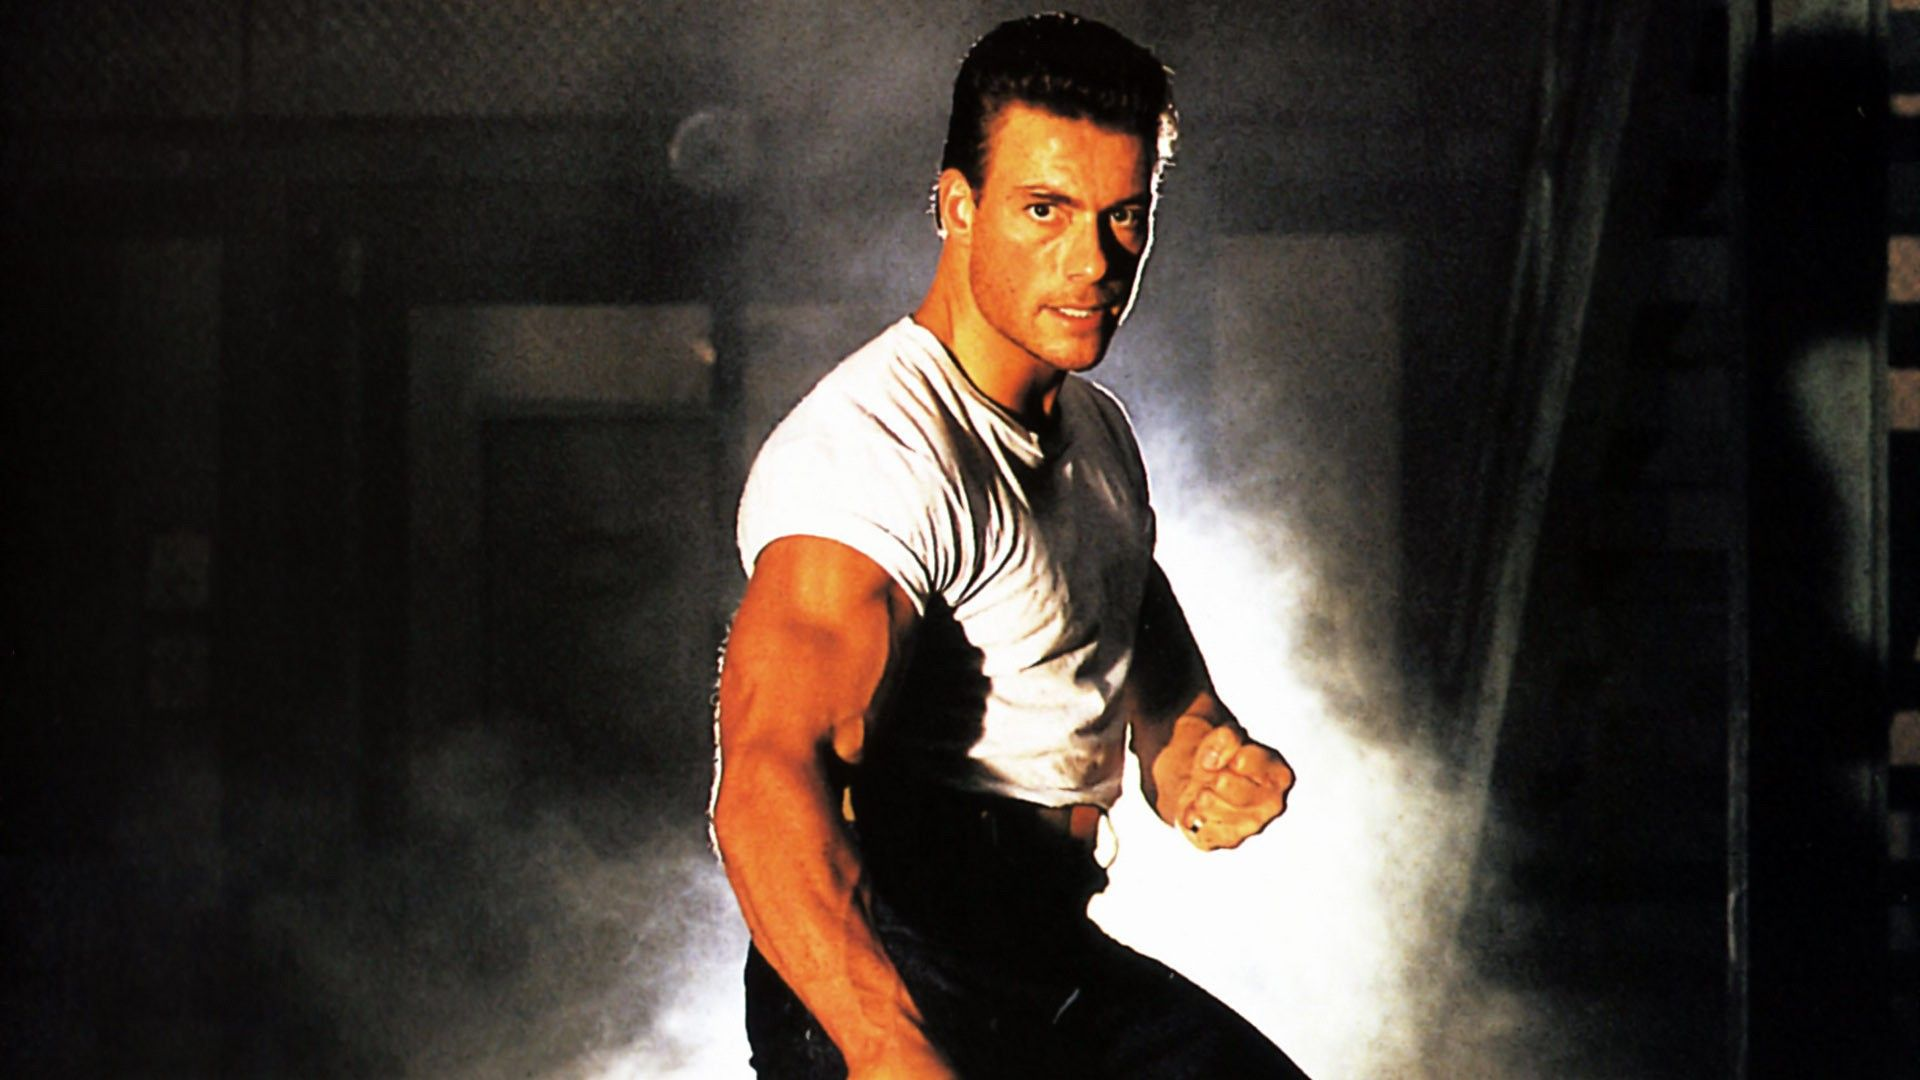 Jean Claude Van Damme Wallpaper